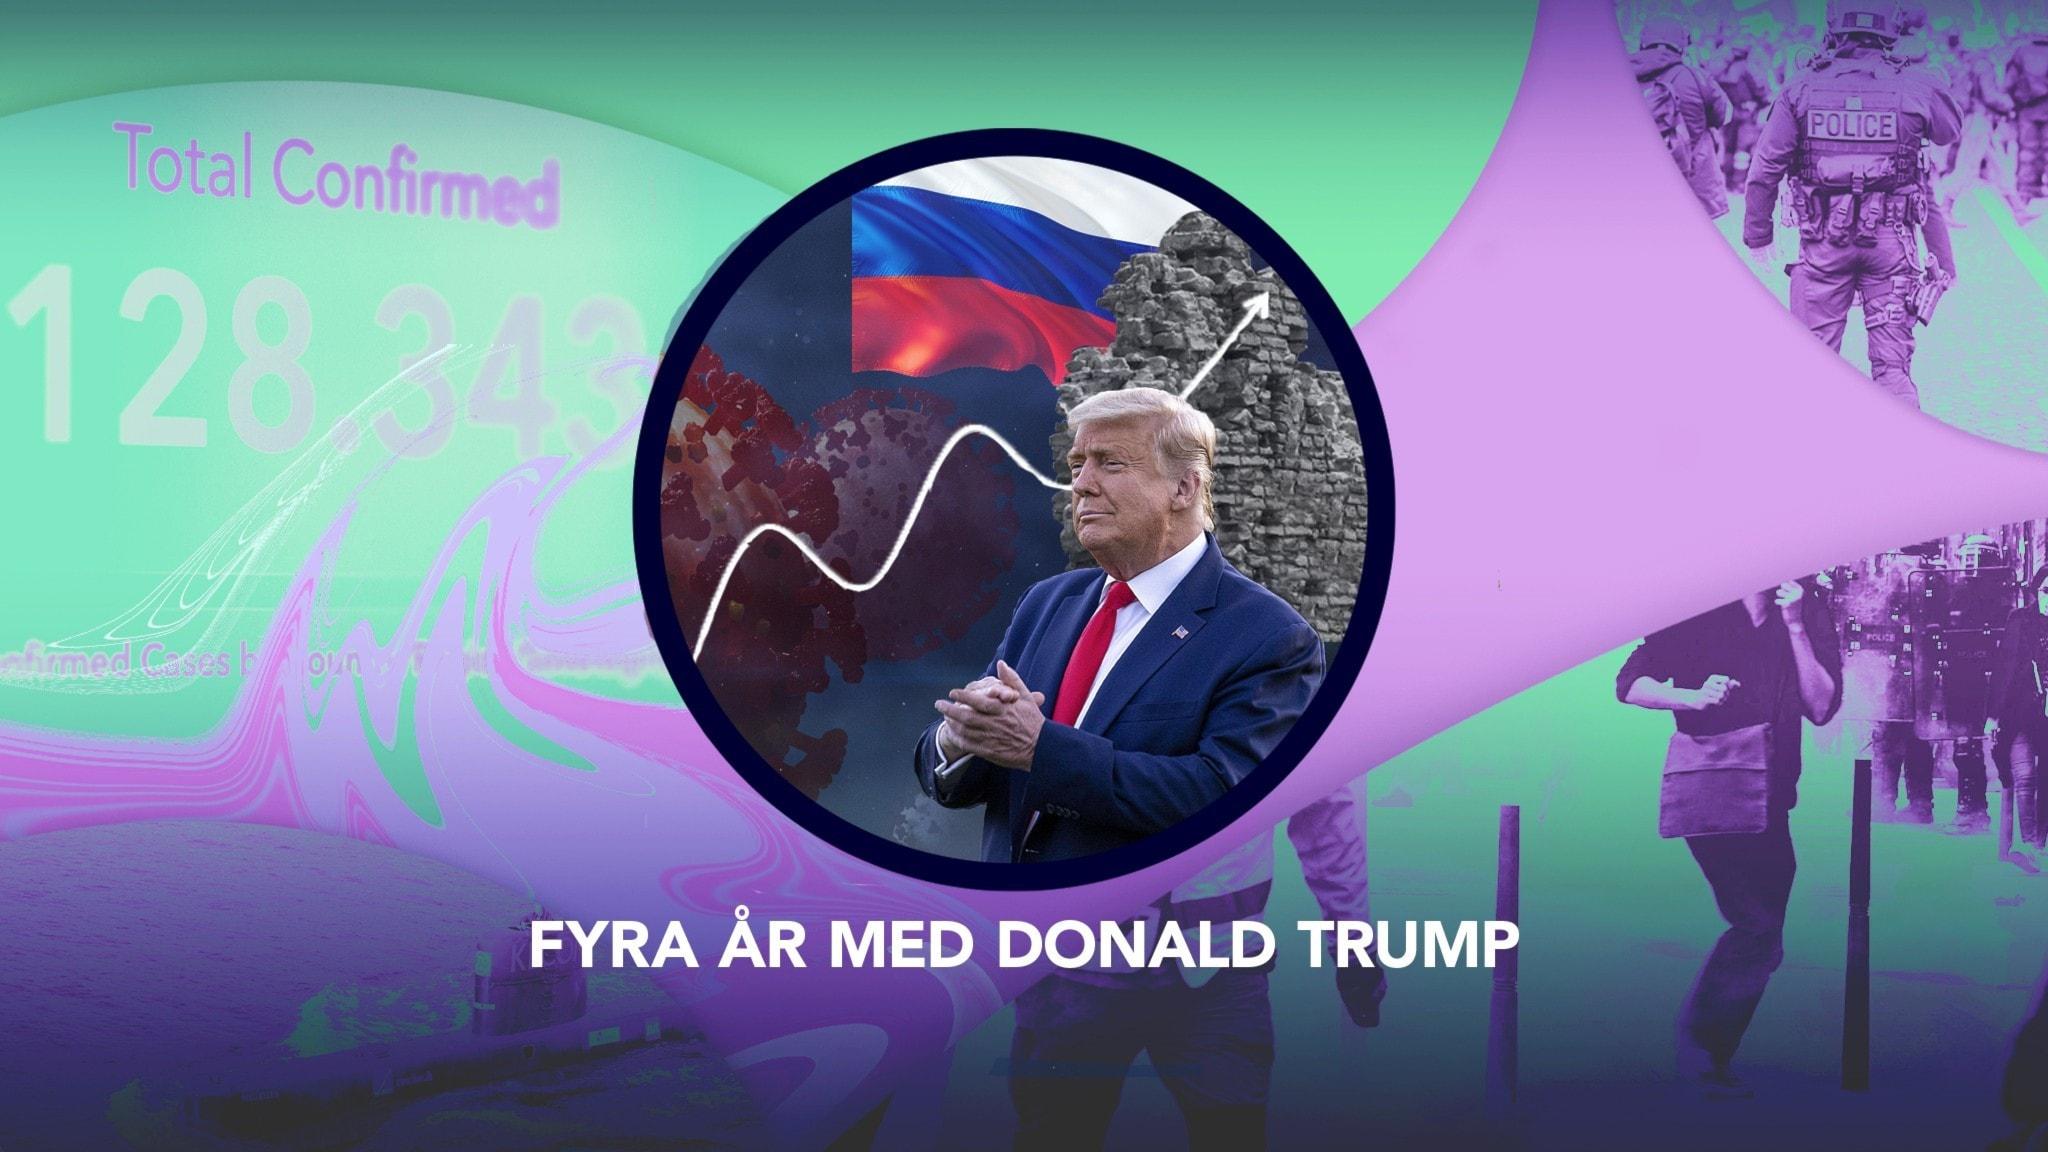 """P3 Nyheter Dokumentärs omslagsbild, samt en bild på USA:s president Donald Trump. Under den står dokumentärens titel """"Fyra år med Donald Trump""""."""